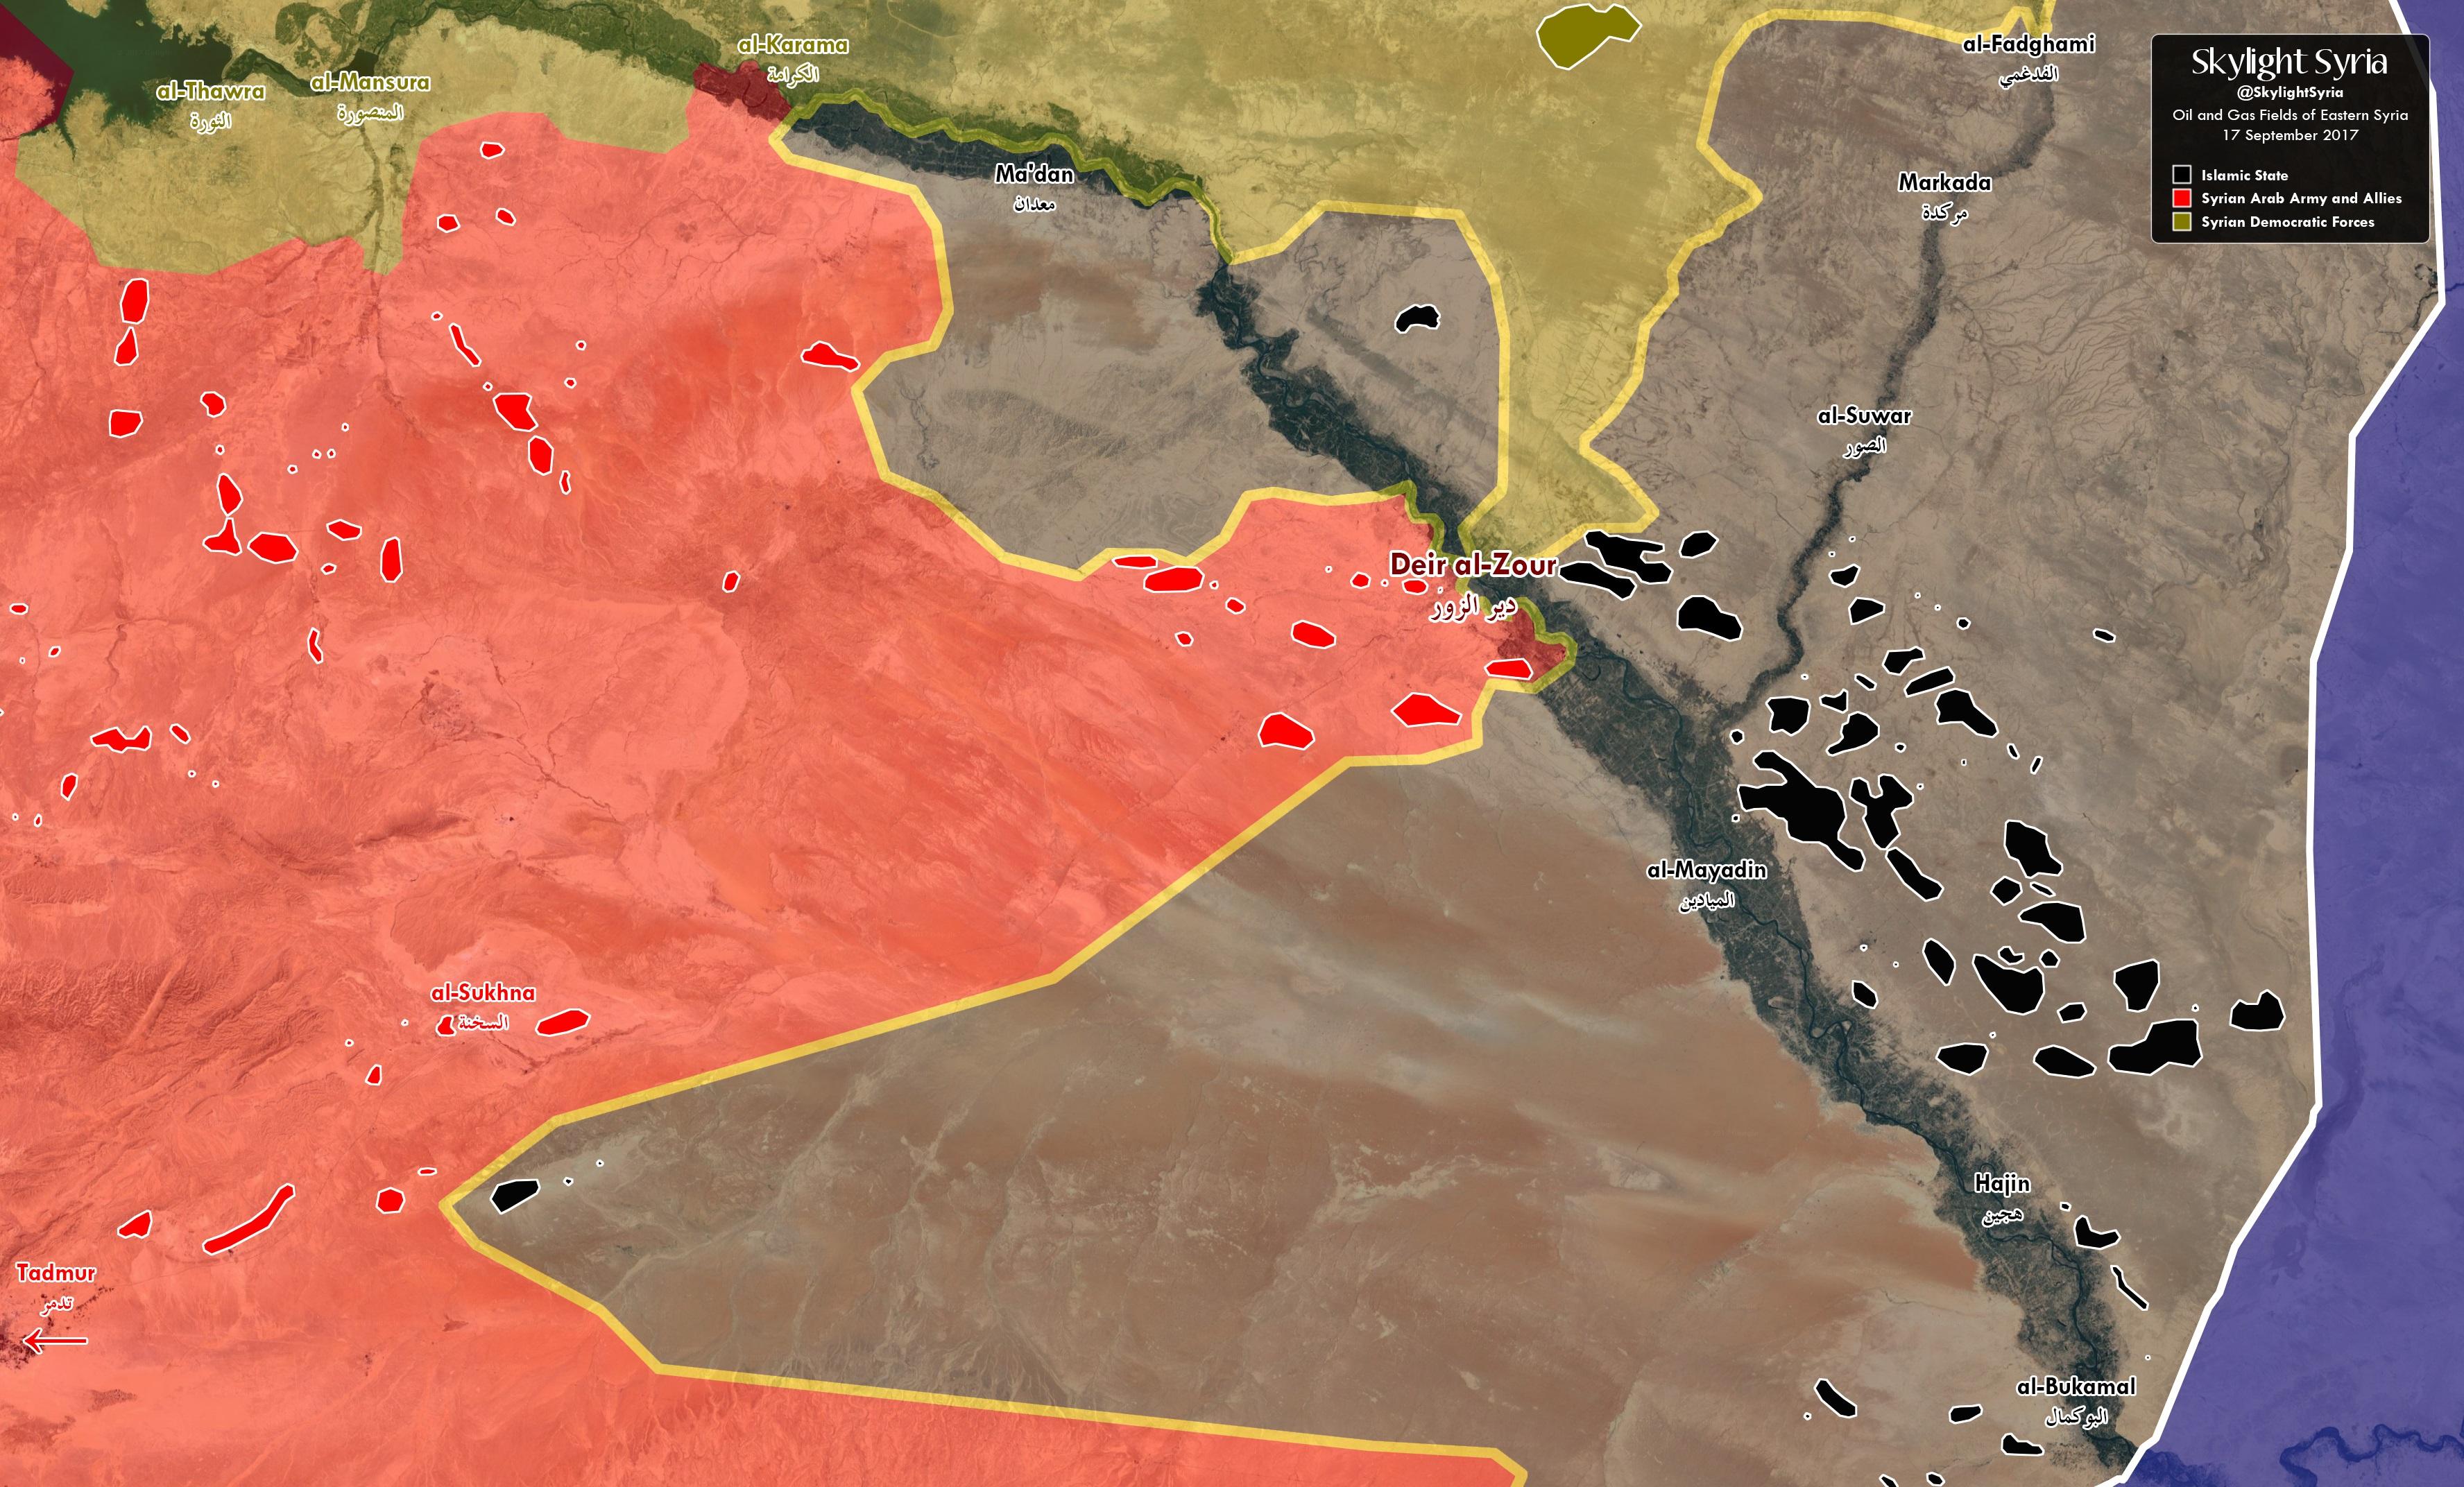 Россия делит Сирию. По американским источникам.